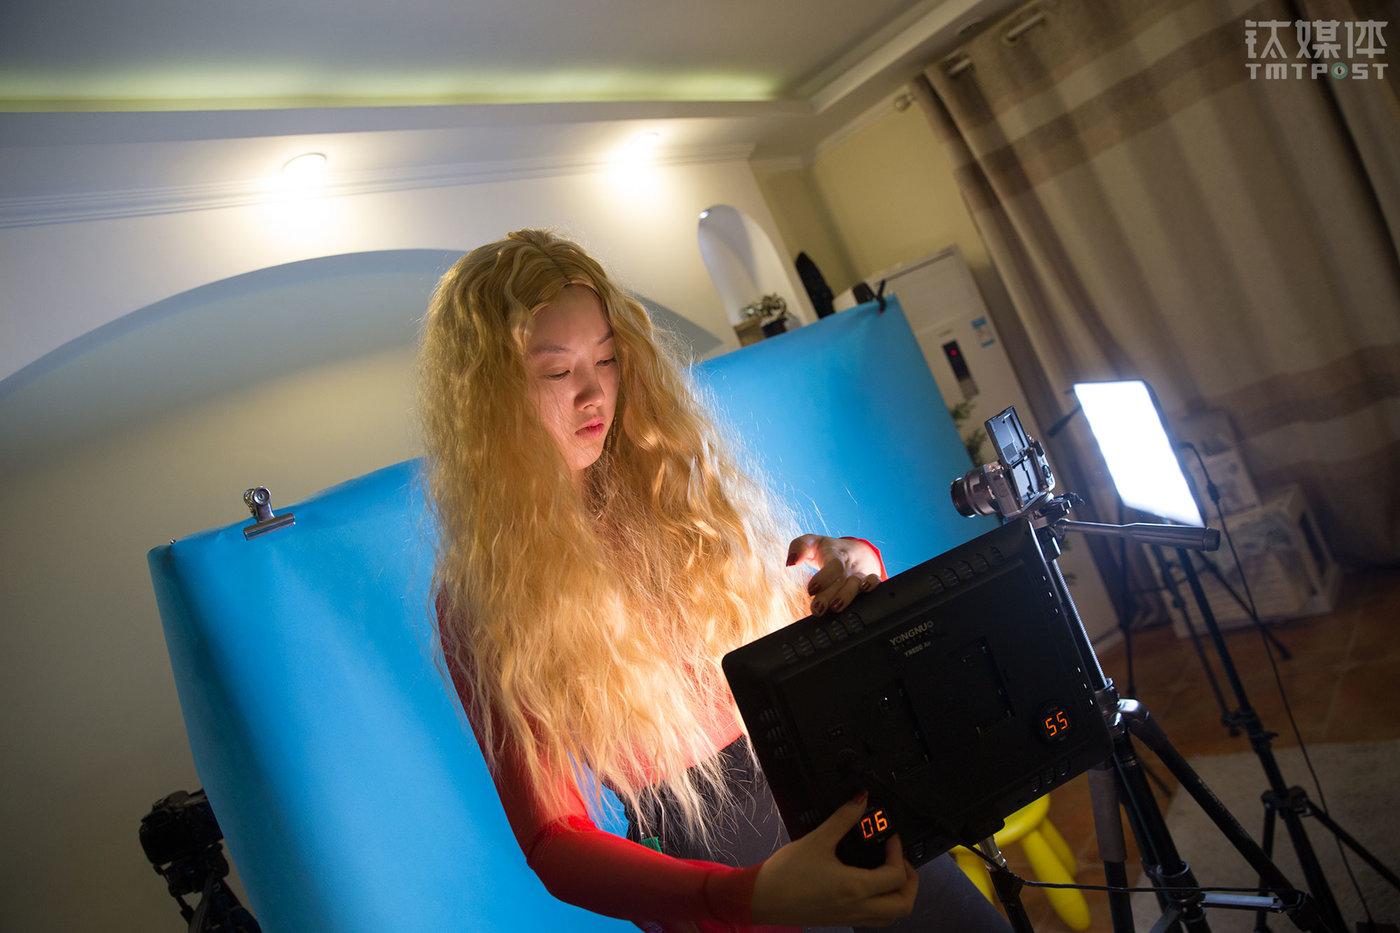 2018年1月30日,北京望京,美妆博主魏莫斯在住所架起相机和灯光,准备为自己的微博拍摄新一期的美妆视频。她的微博有170万粉丝,每天发布一到两条与美妆有关的微博内容,这些内容包括测评、美妆技巧等。